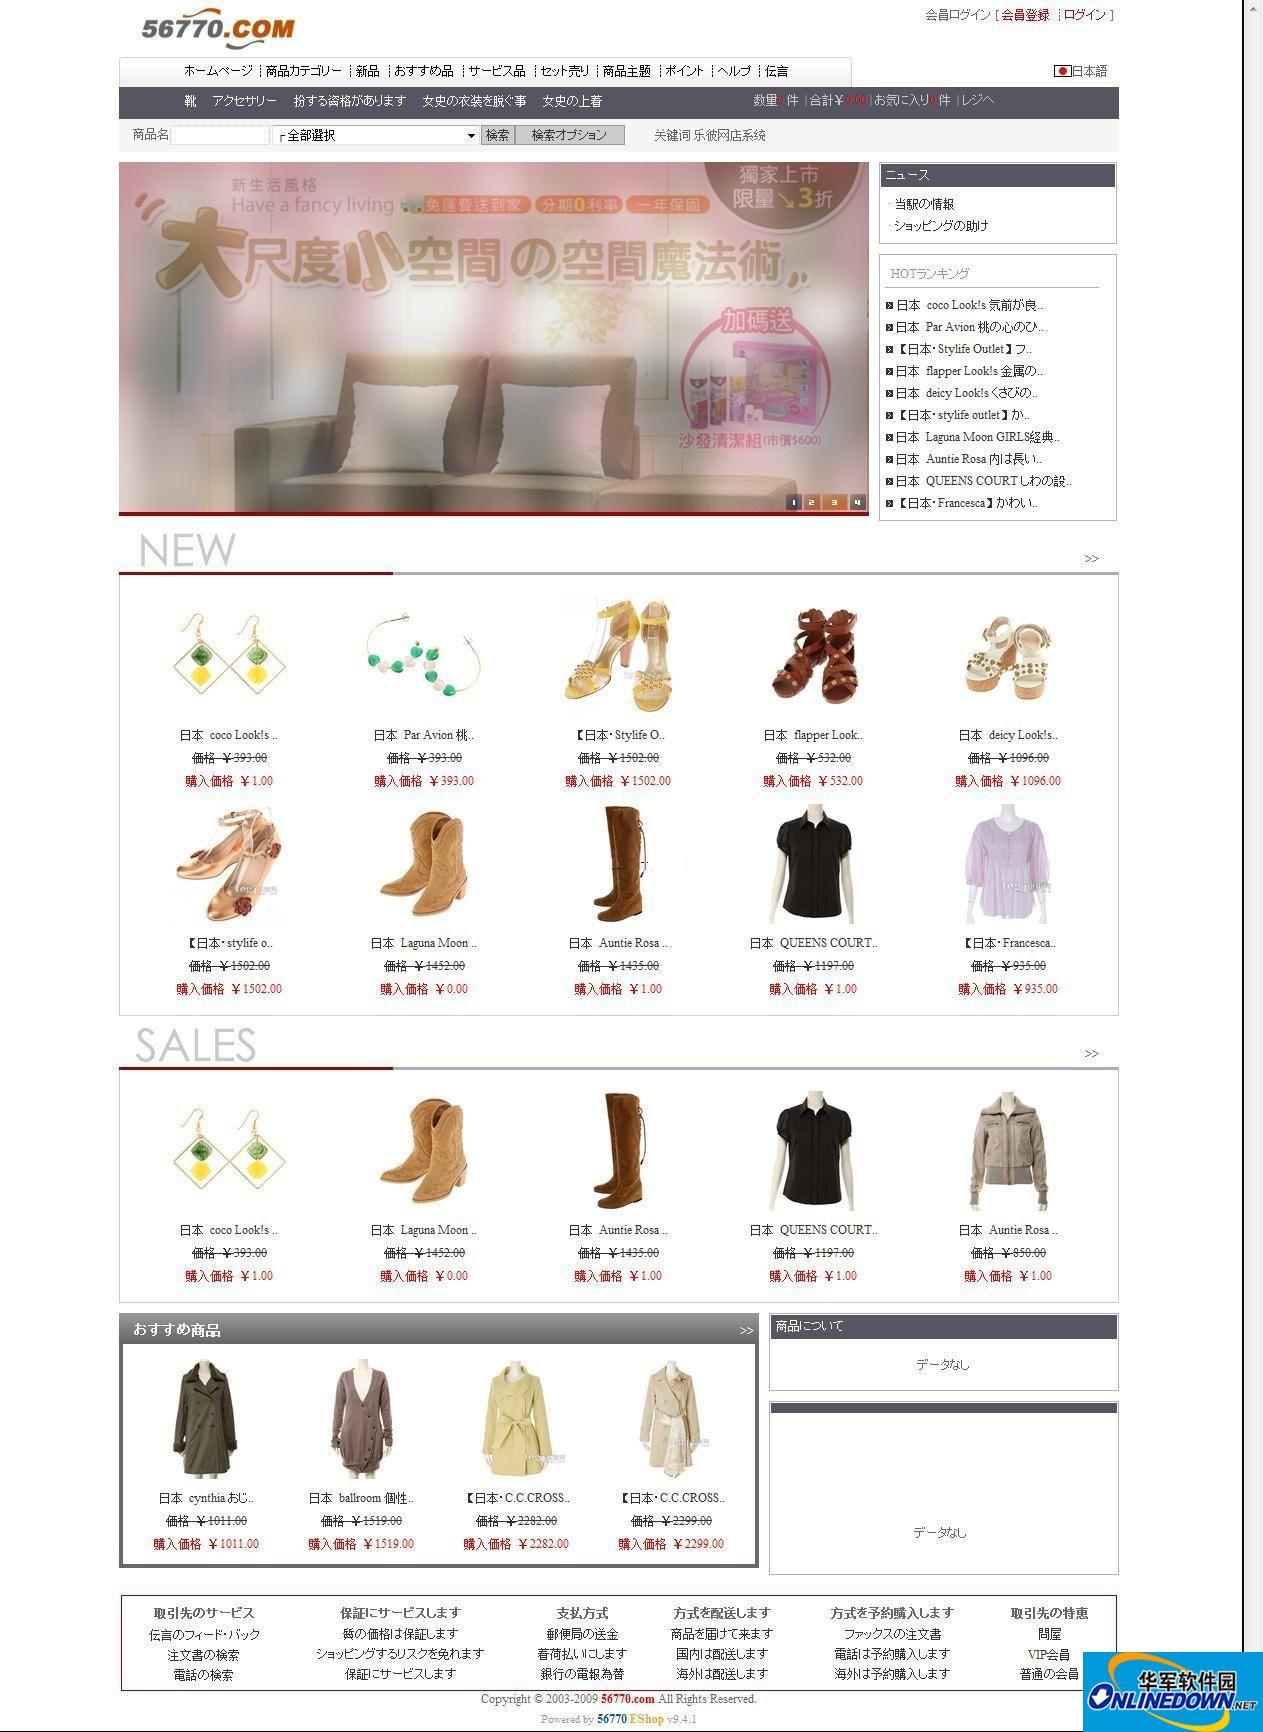 乐彼多语言网店系统(56770 EShop) 14.1.0 日文版